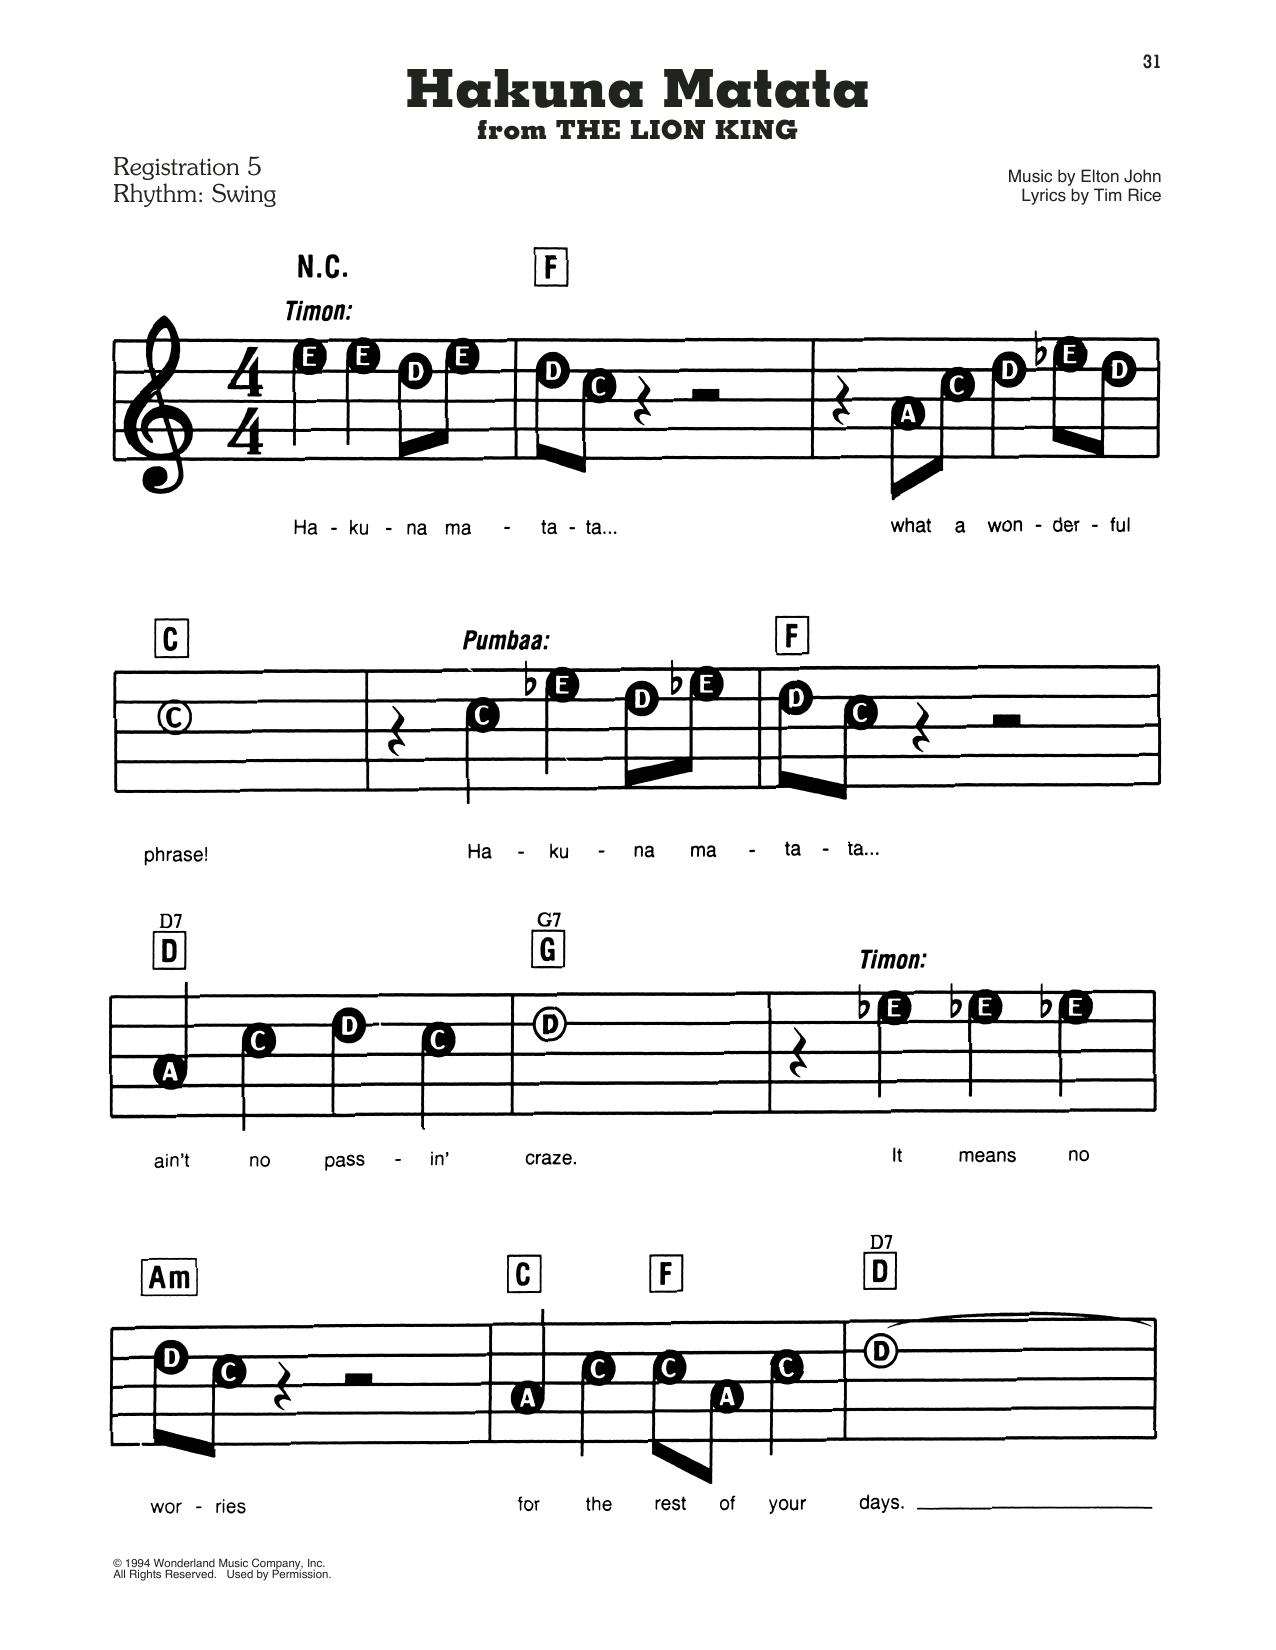 Elton John Hakuna Matata From Disney S The Lion King Sheet Music Notes Chords In 2021 Sheet Music Notes Music Notes Sheet Music